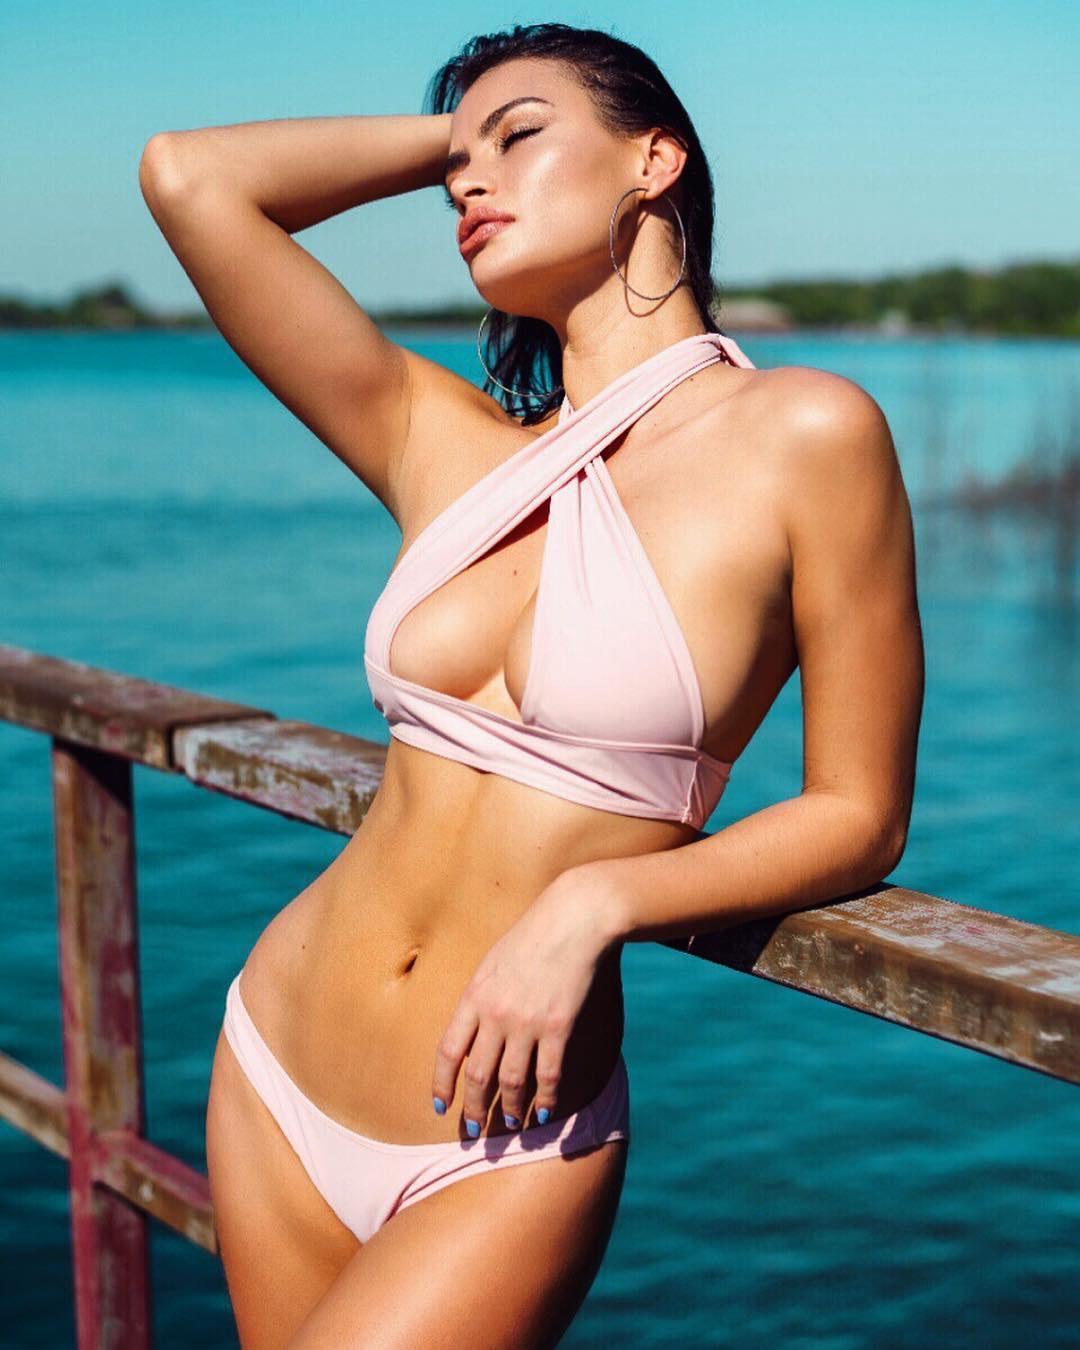 Model of Angelina